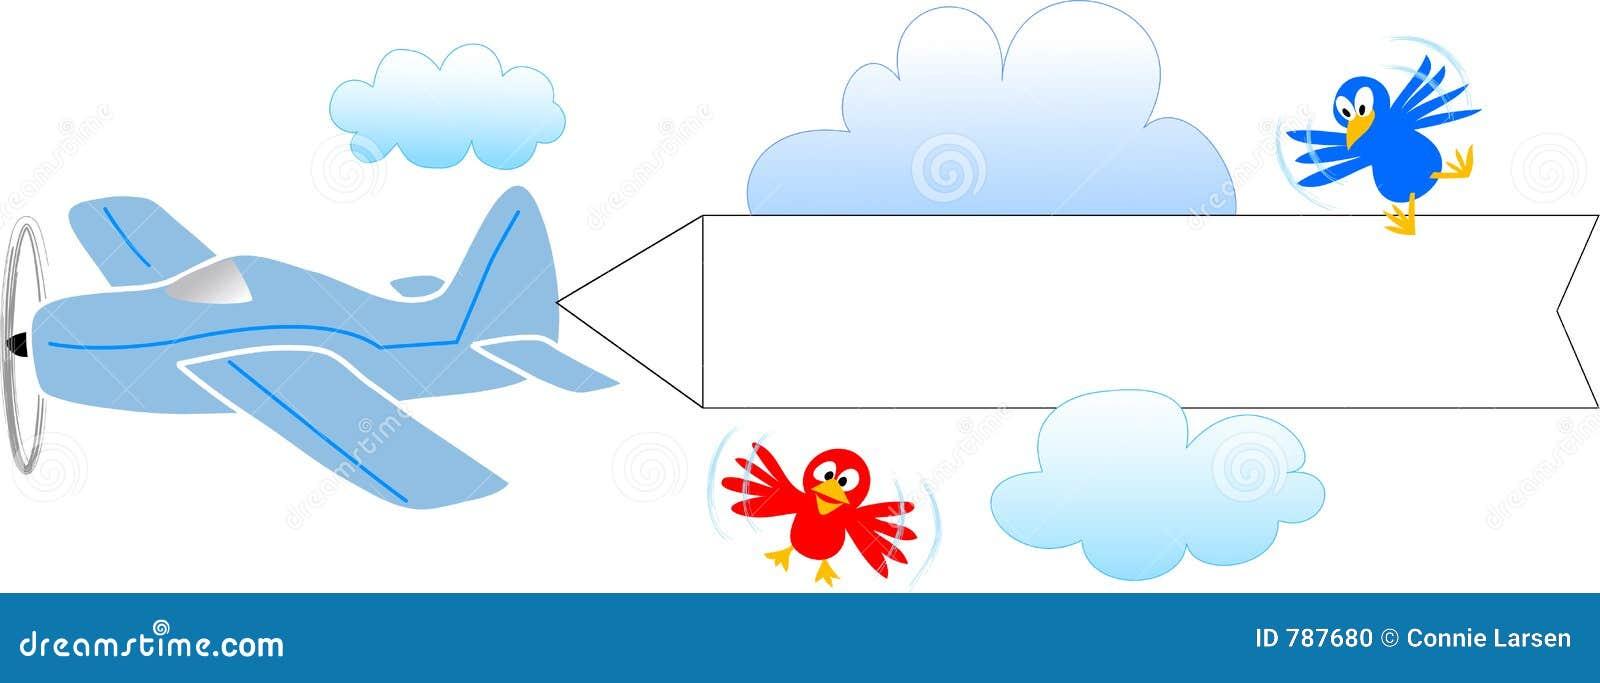 飞机横幅空白eps